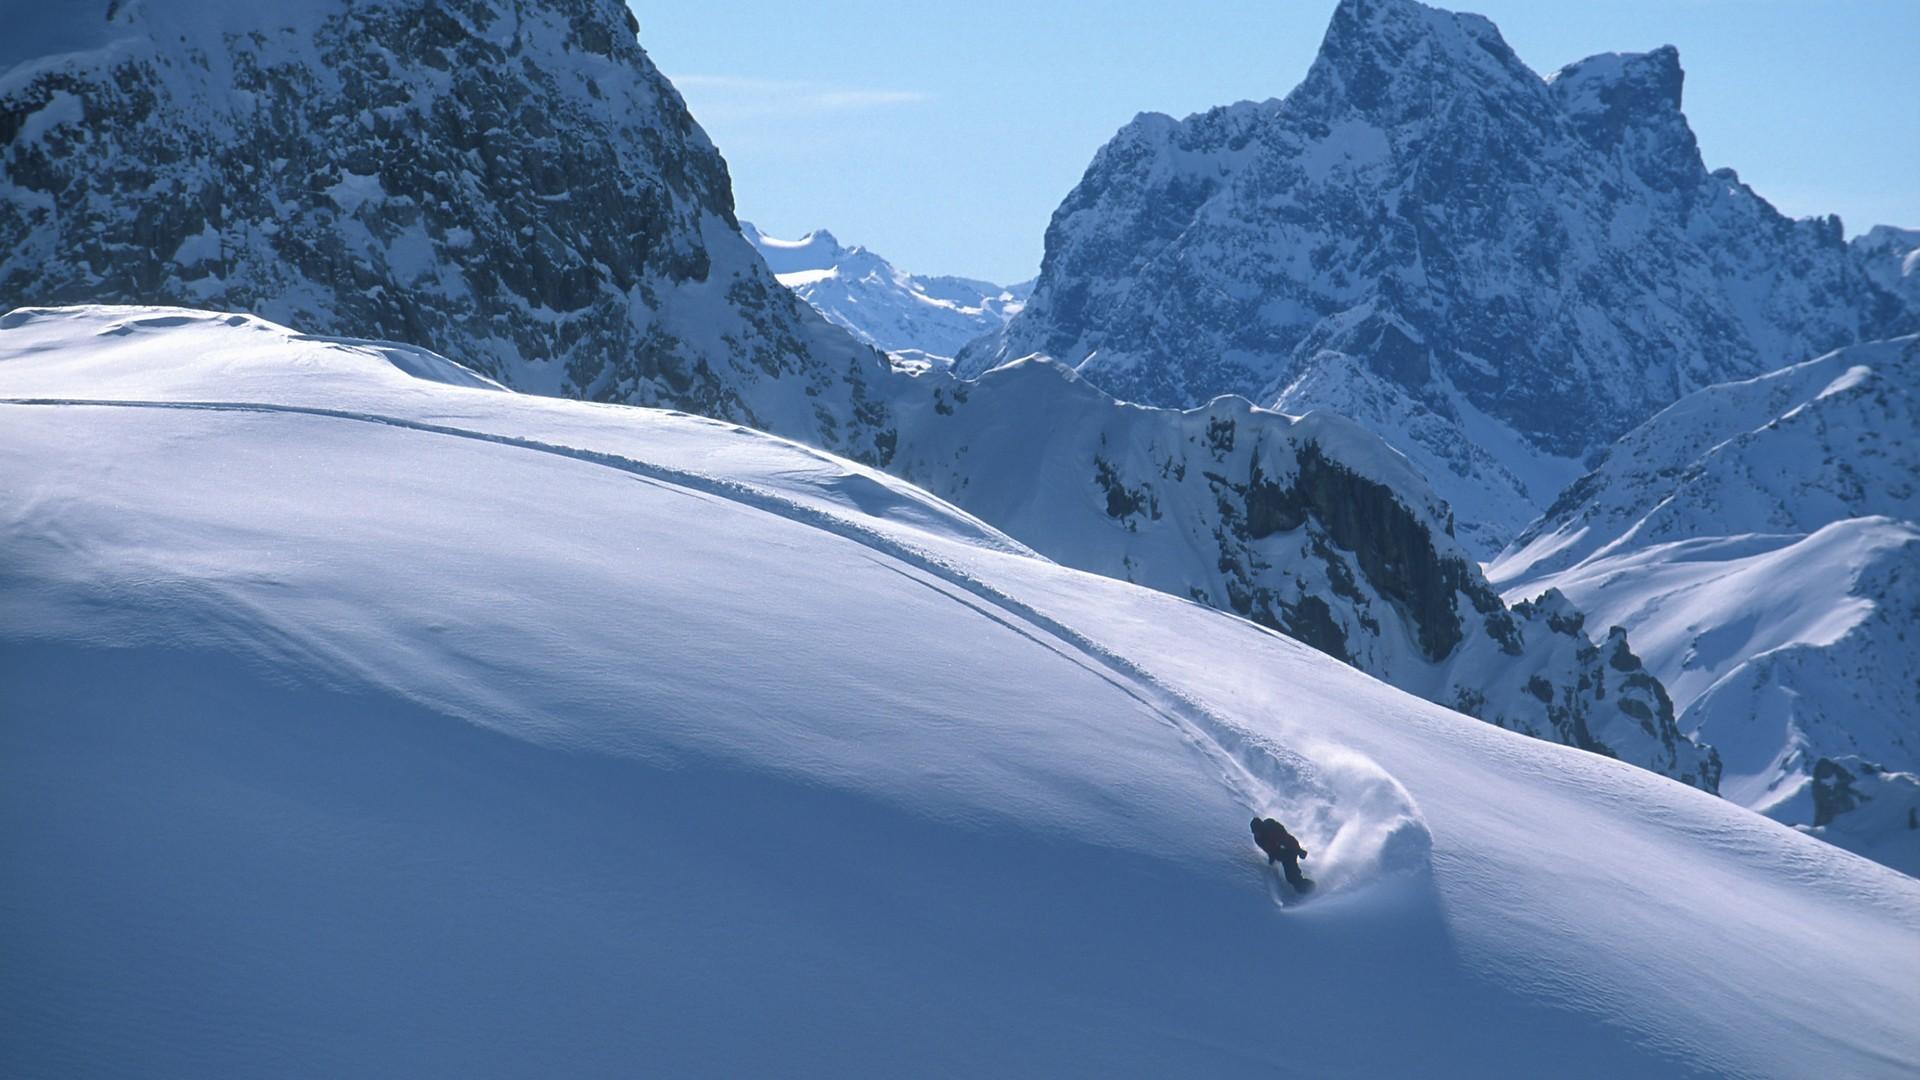 Snowboarder am Arlberg im frischen Powder beim Ziehen der ersten Tracks.